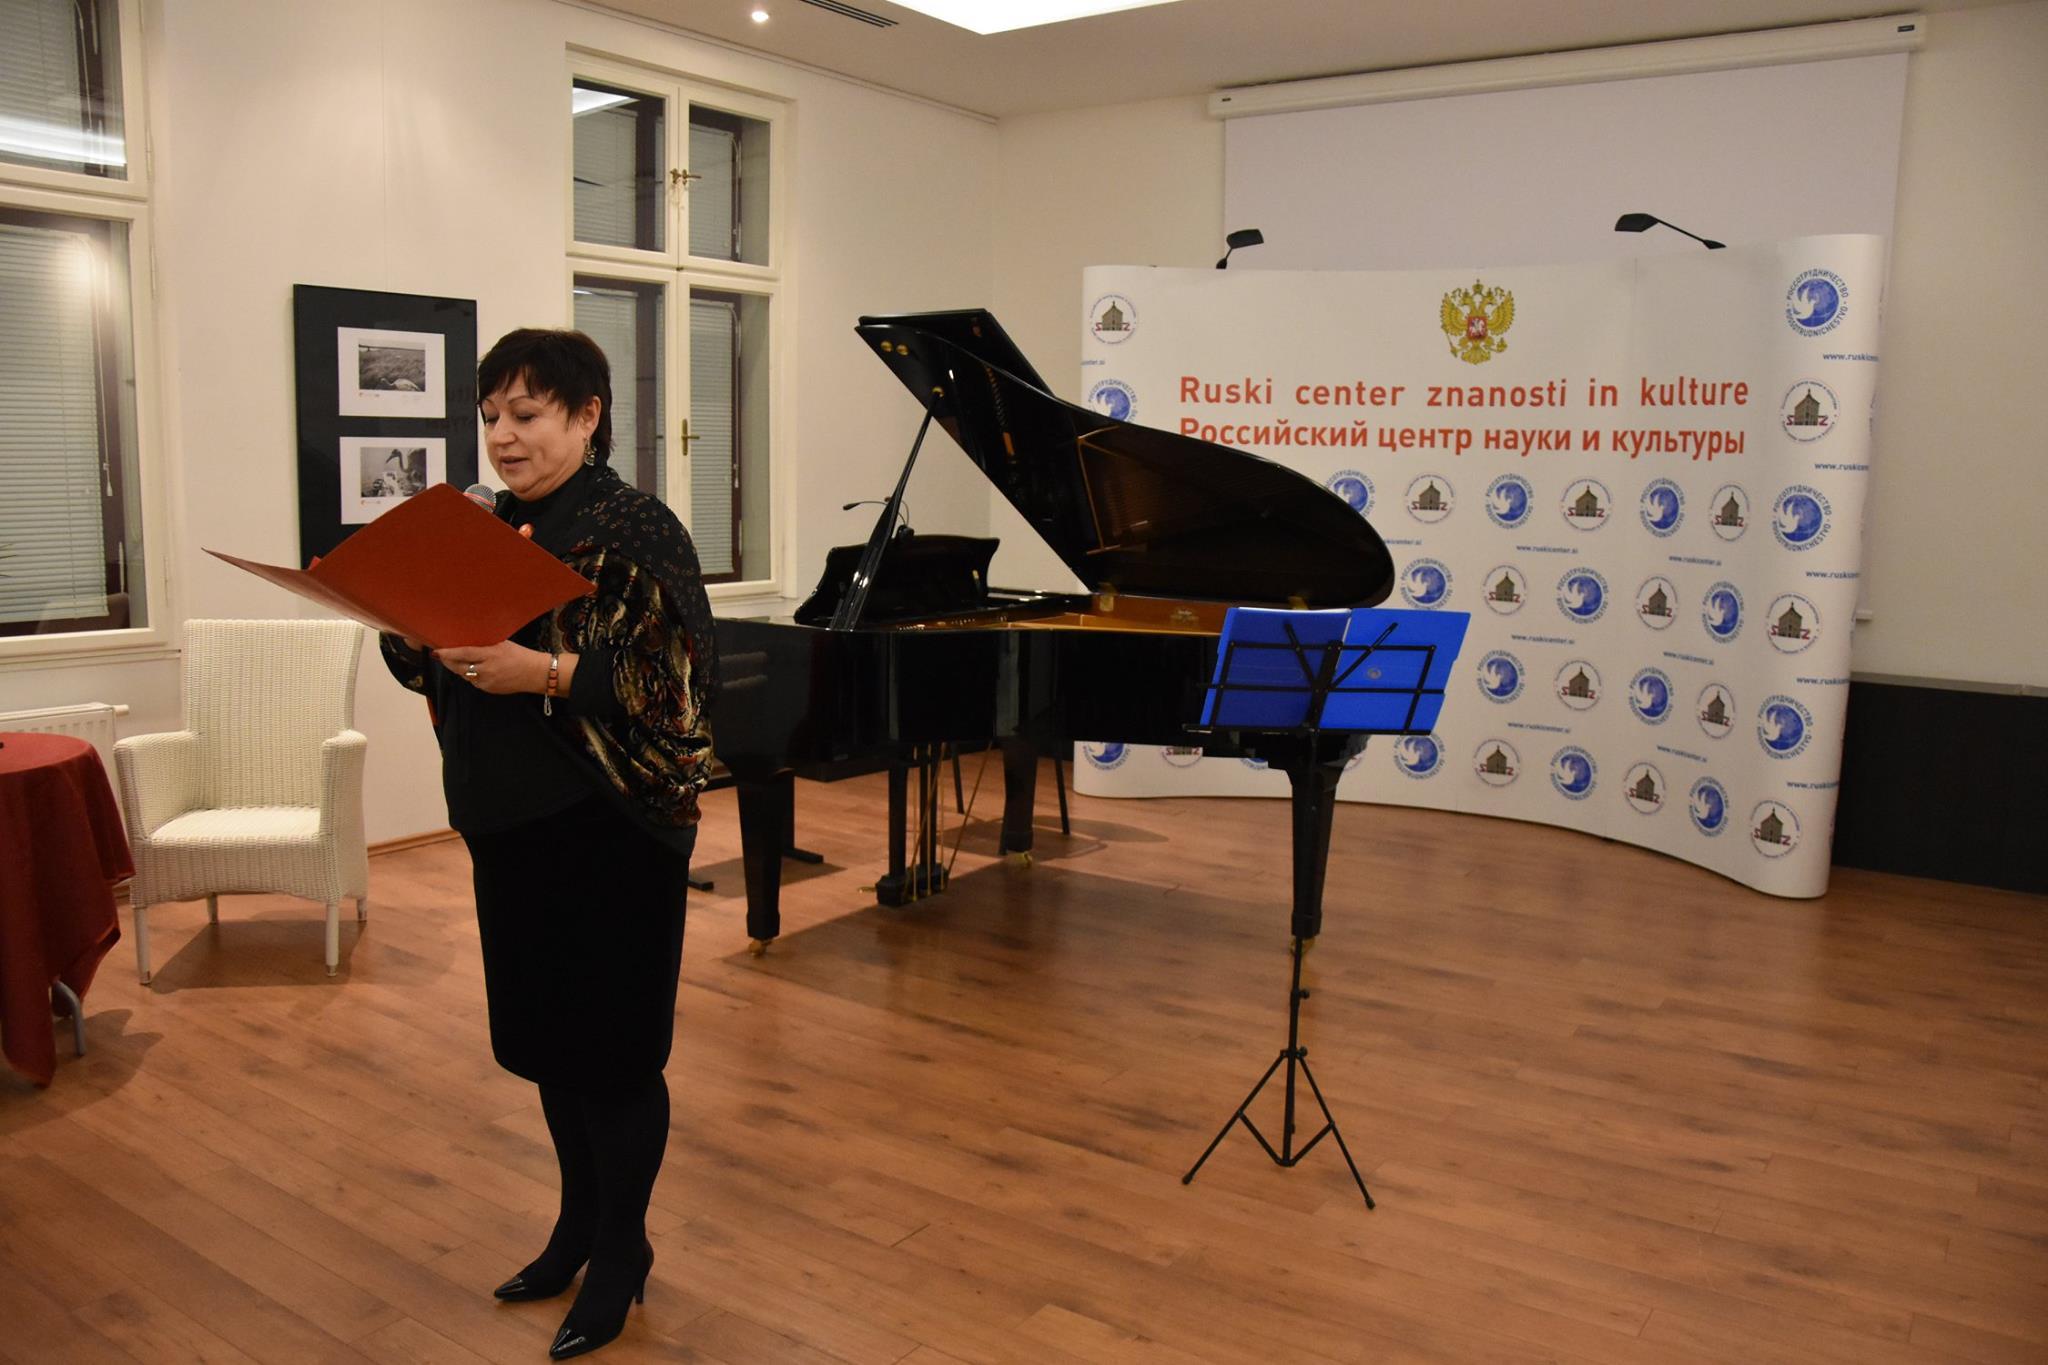 Valerija Kilpjakova je vodja projektov in tečajev v Ruskem centru znanosti in kulture, ki ga najdete nasproti ljubljanske Mestne hiše.